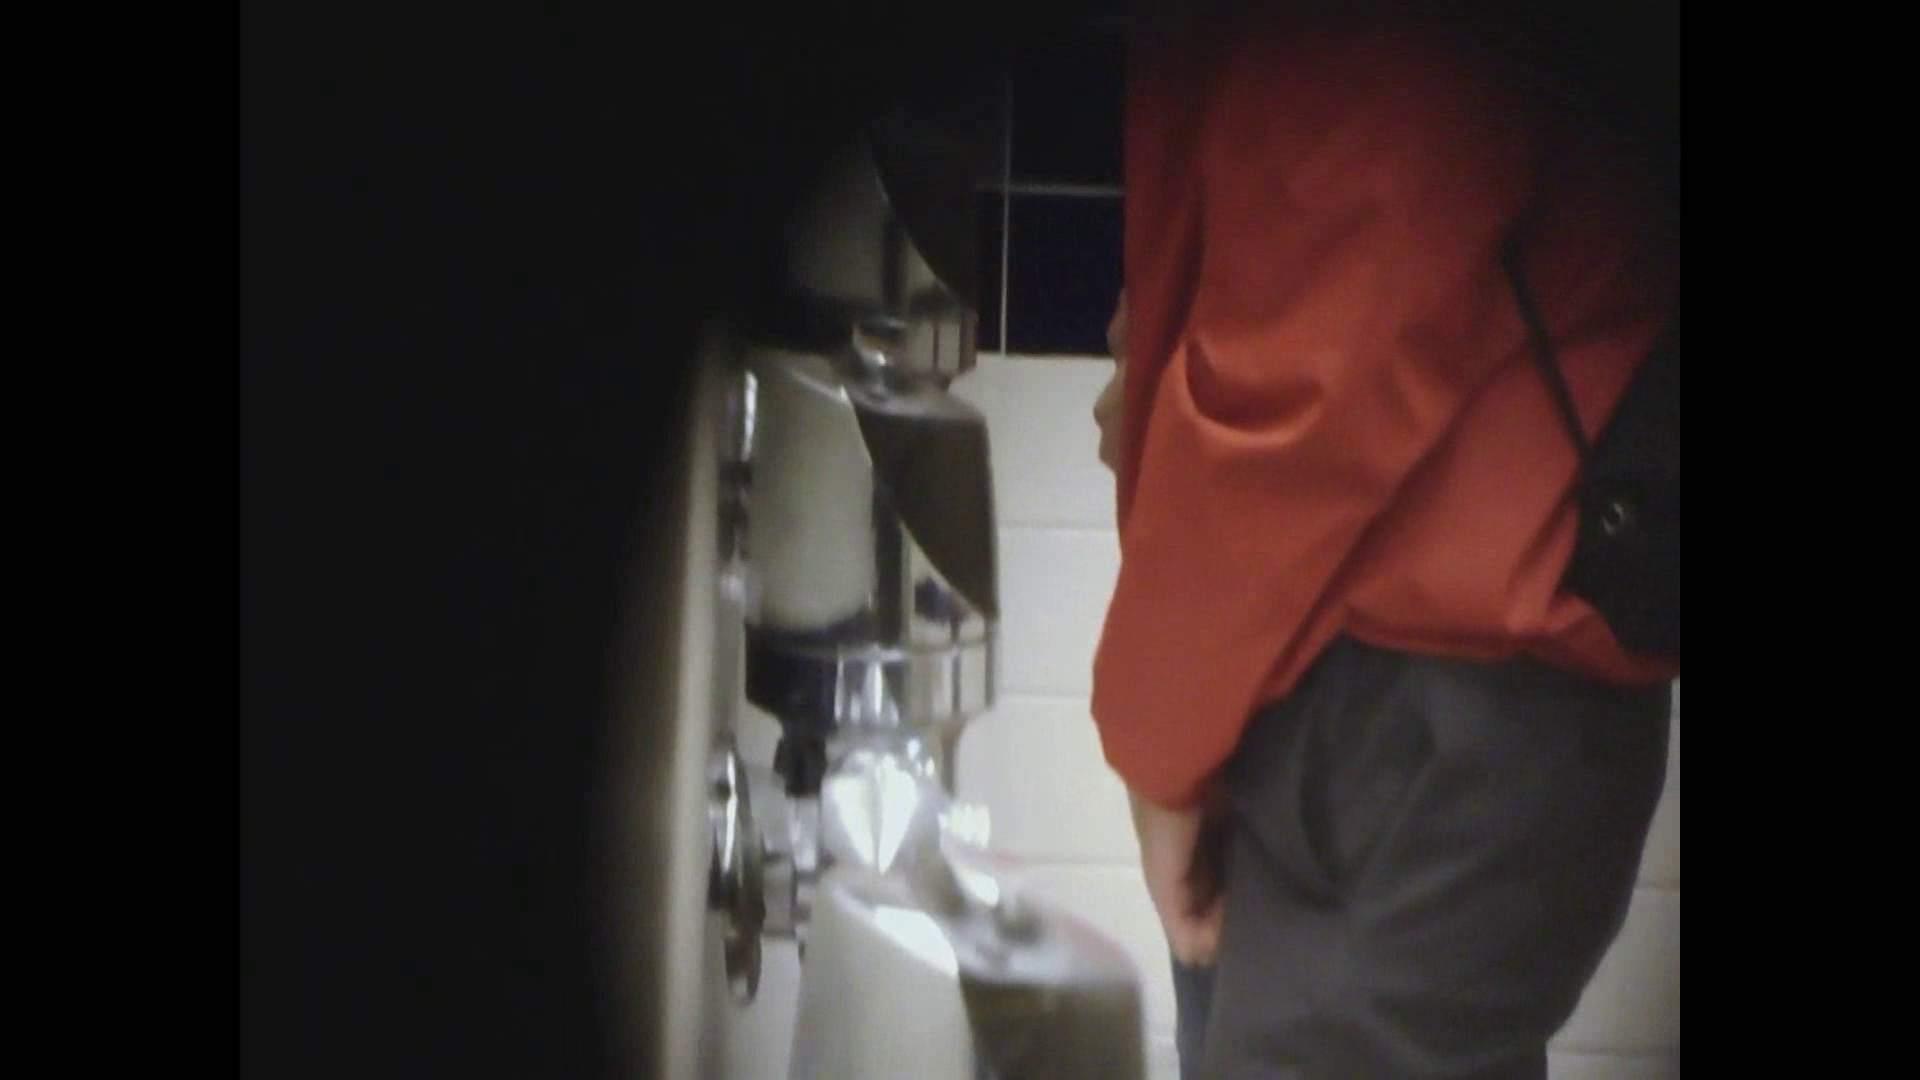 イケメンの素顔in洗面所 Vol.04 ノンケボーイズ | イケメンのsex  66pic 18